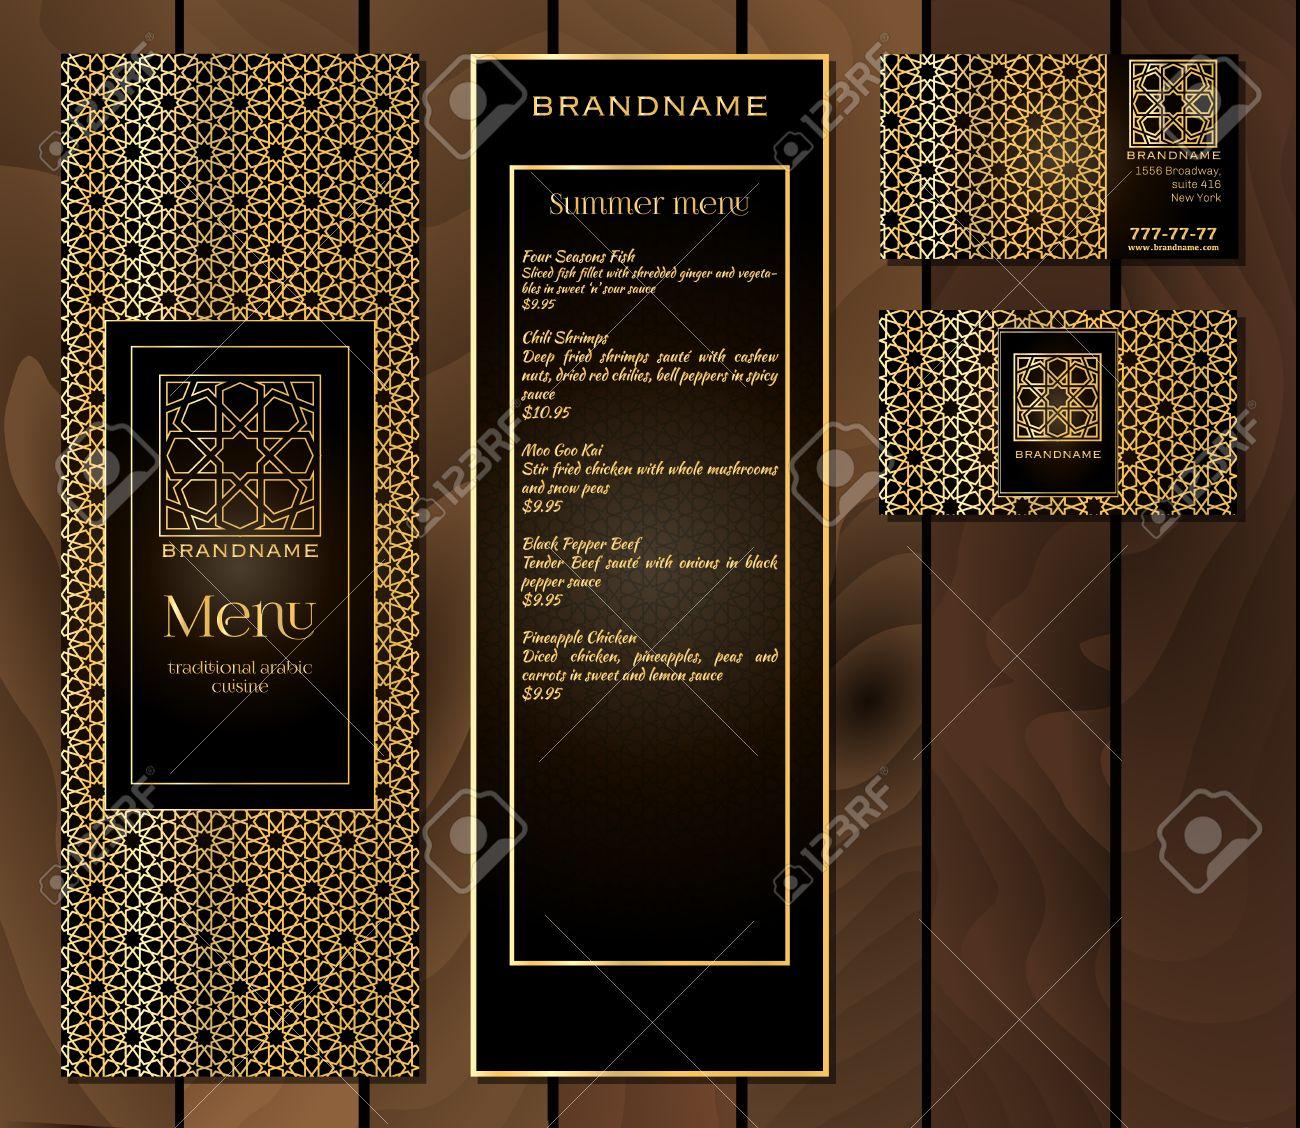 Vector Illustration Dune Conception De Menu Pour Un Restaurant Ou Caf Cuisine Orientale Arabe Cartes Visite Et Bons Or Modle Traditionnelle